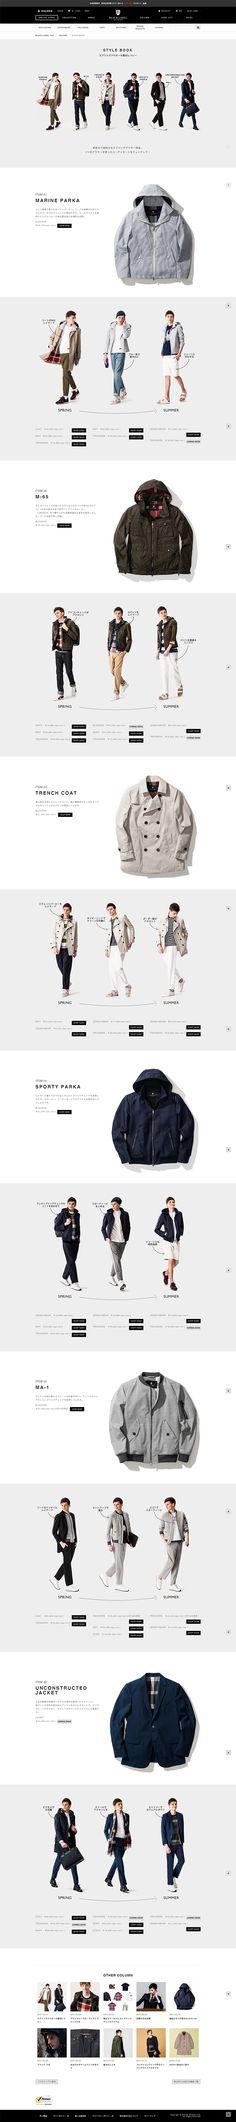 スプリングアウターの着回しリレー【ファッション関連】のLPデザイン。WEBデザイナーさん必見!ランディングページのデザイン参考に(かっこいい系)